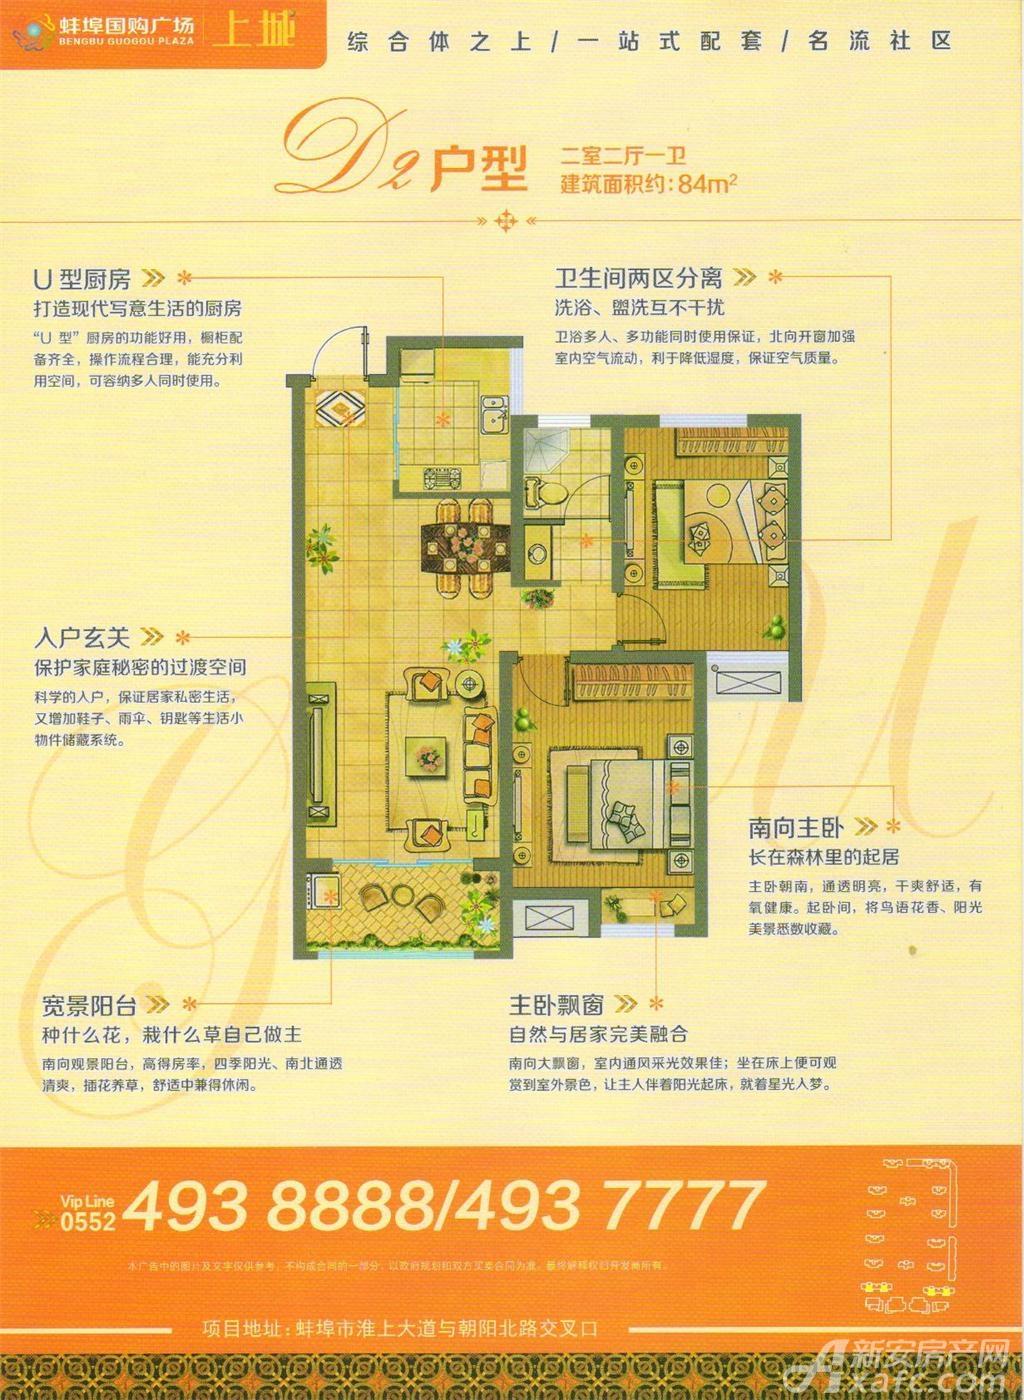 蚌埠国购广场D2户型2室2厅84平米